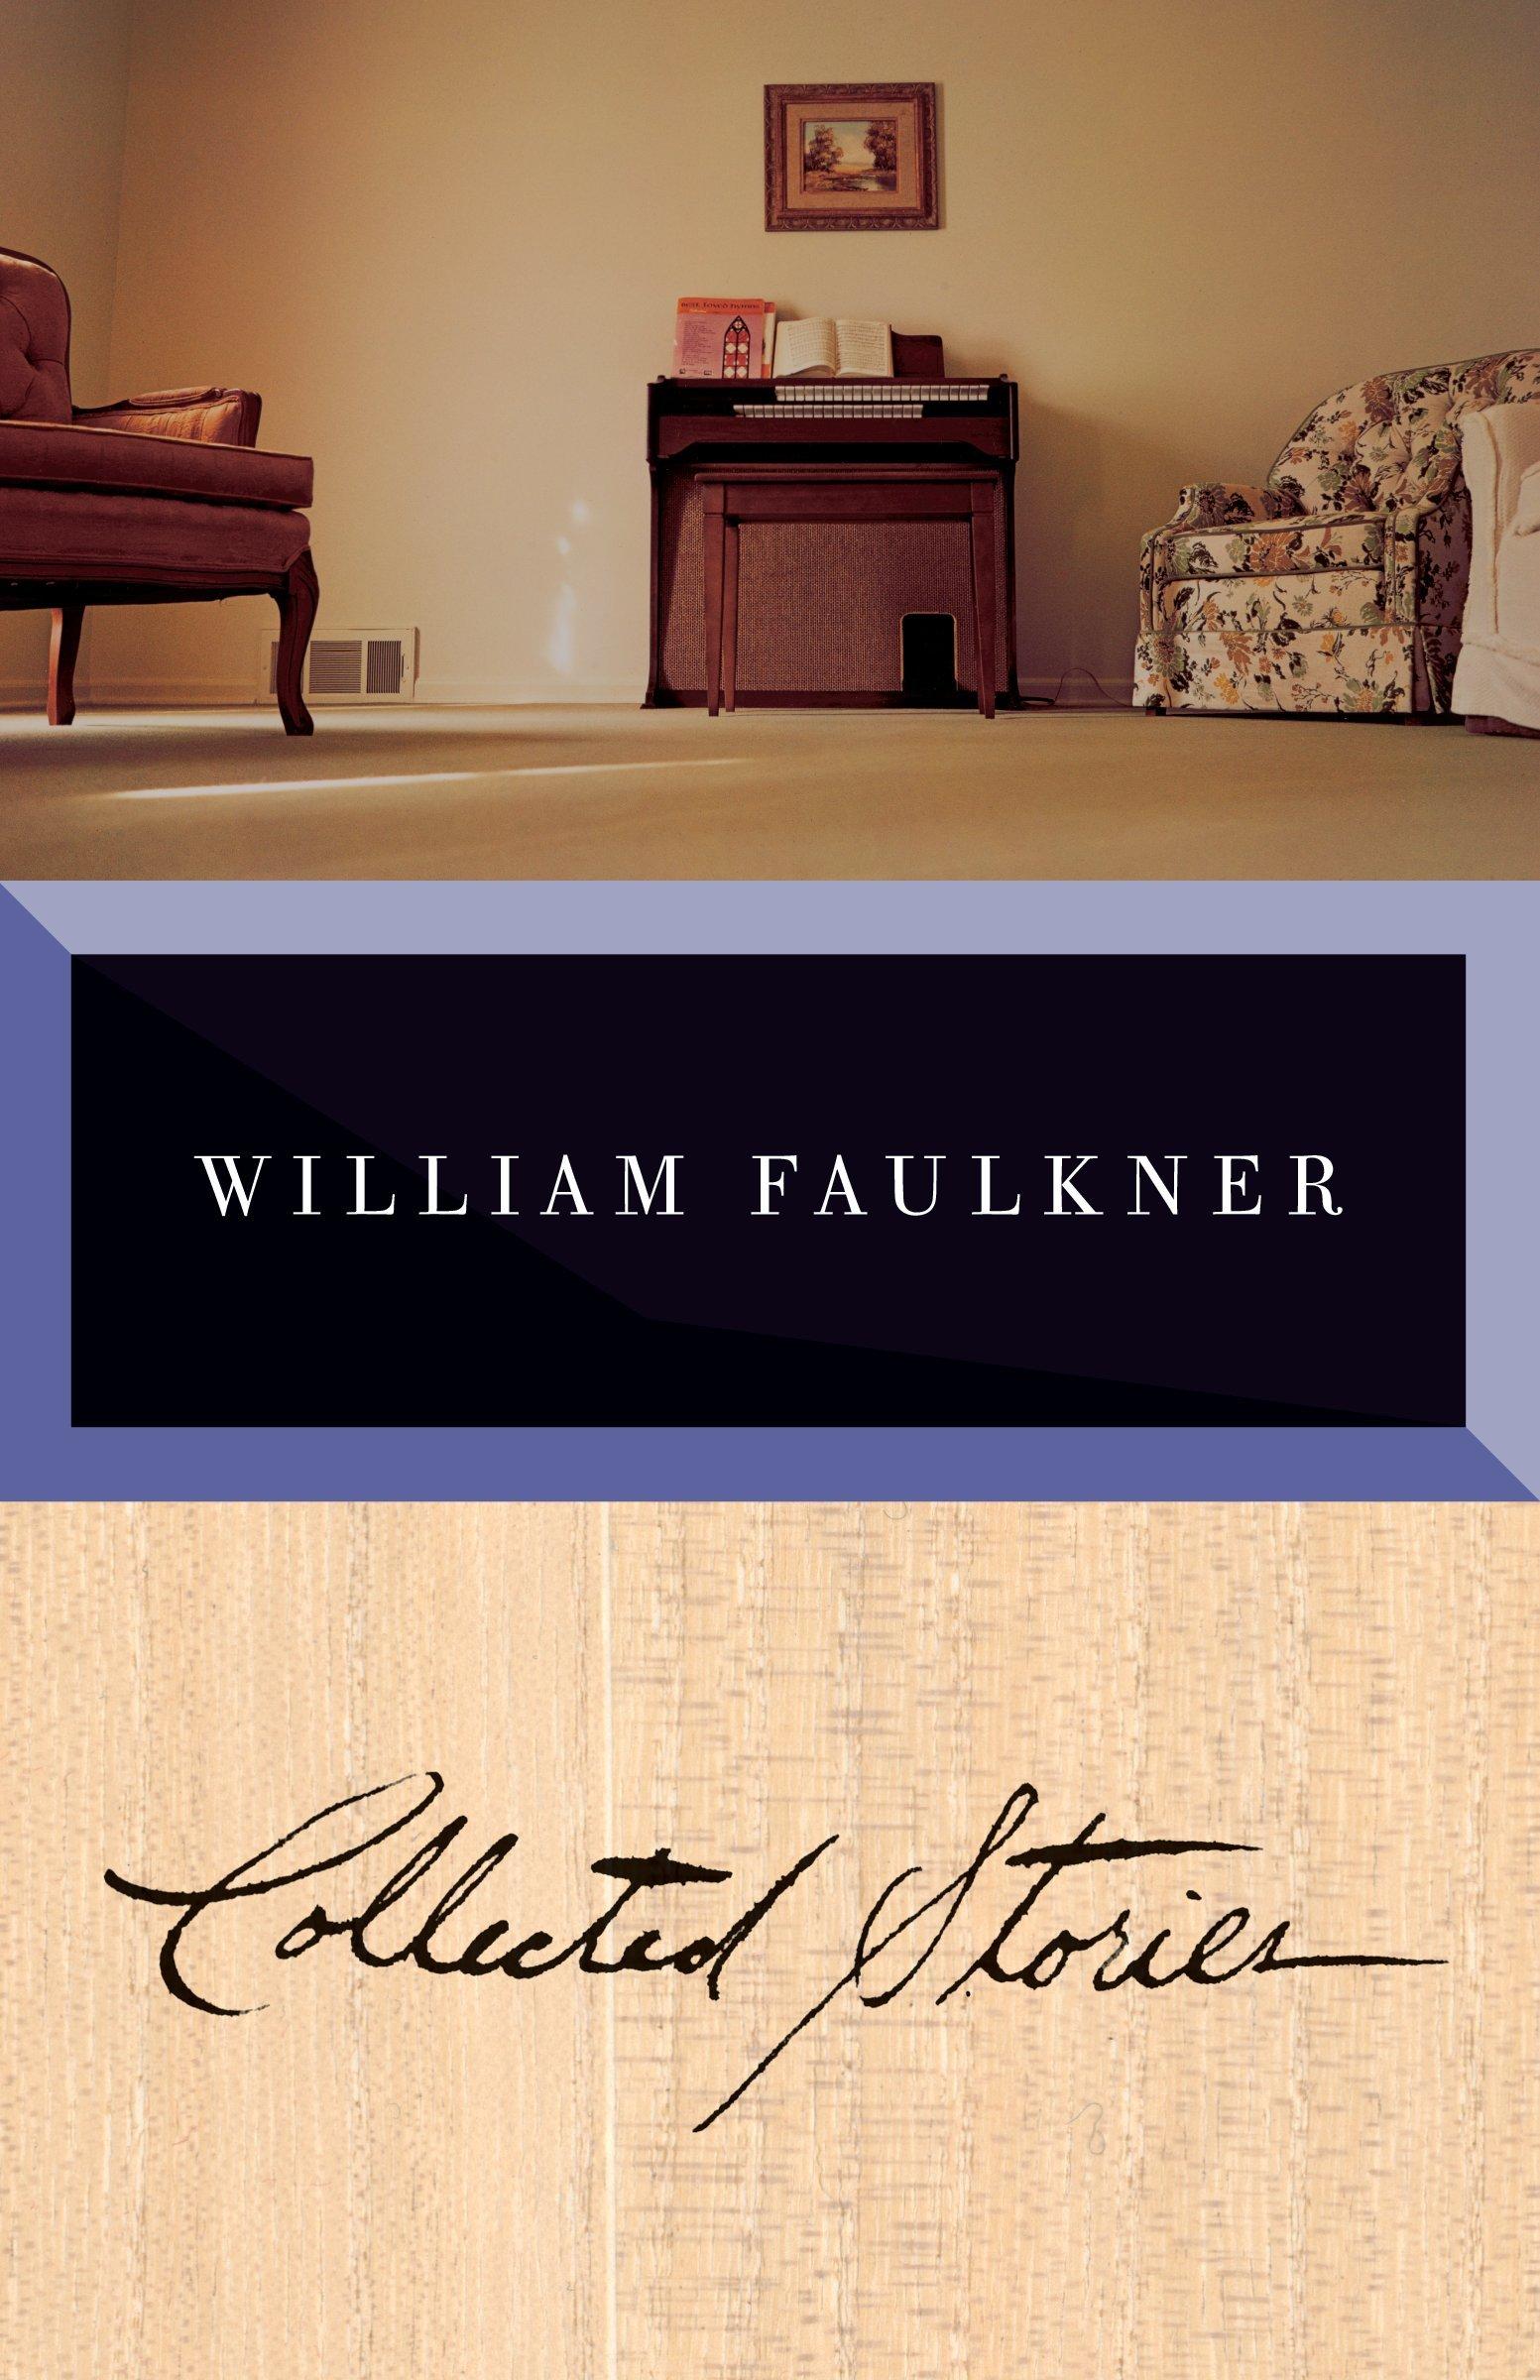 collected stories of william faulkner william faulkner collected stories of william faulkner william faulkner 9780679764038 amazon com books